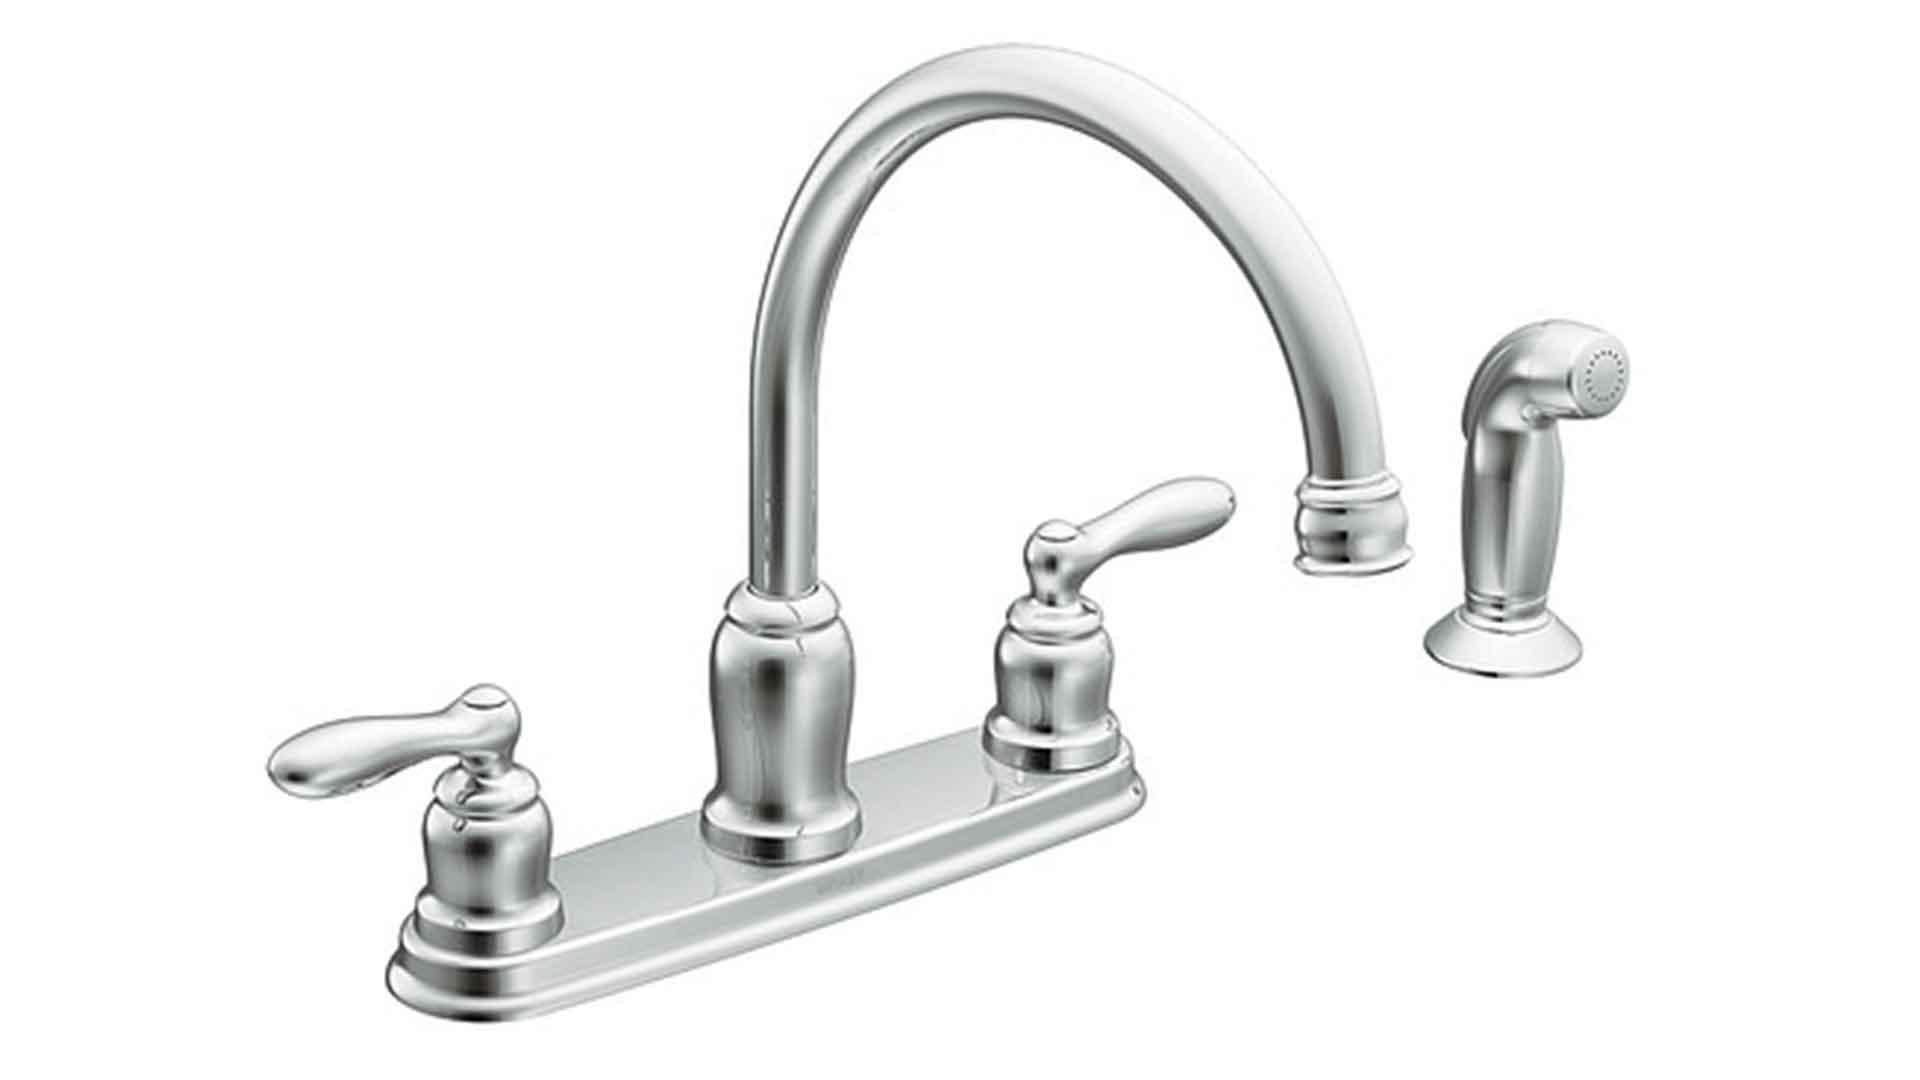 Moen Two Handle Faucets